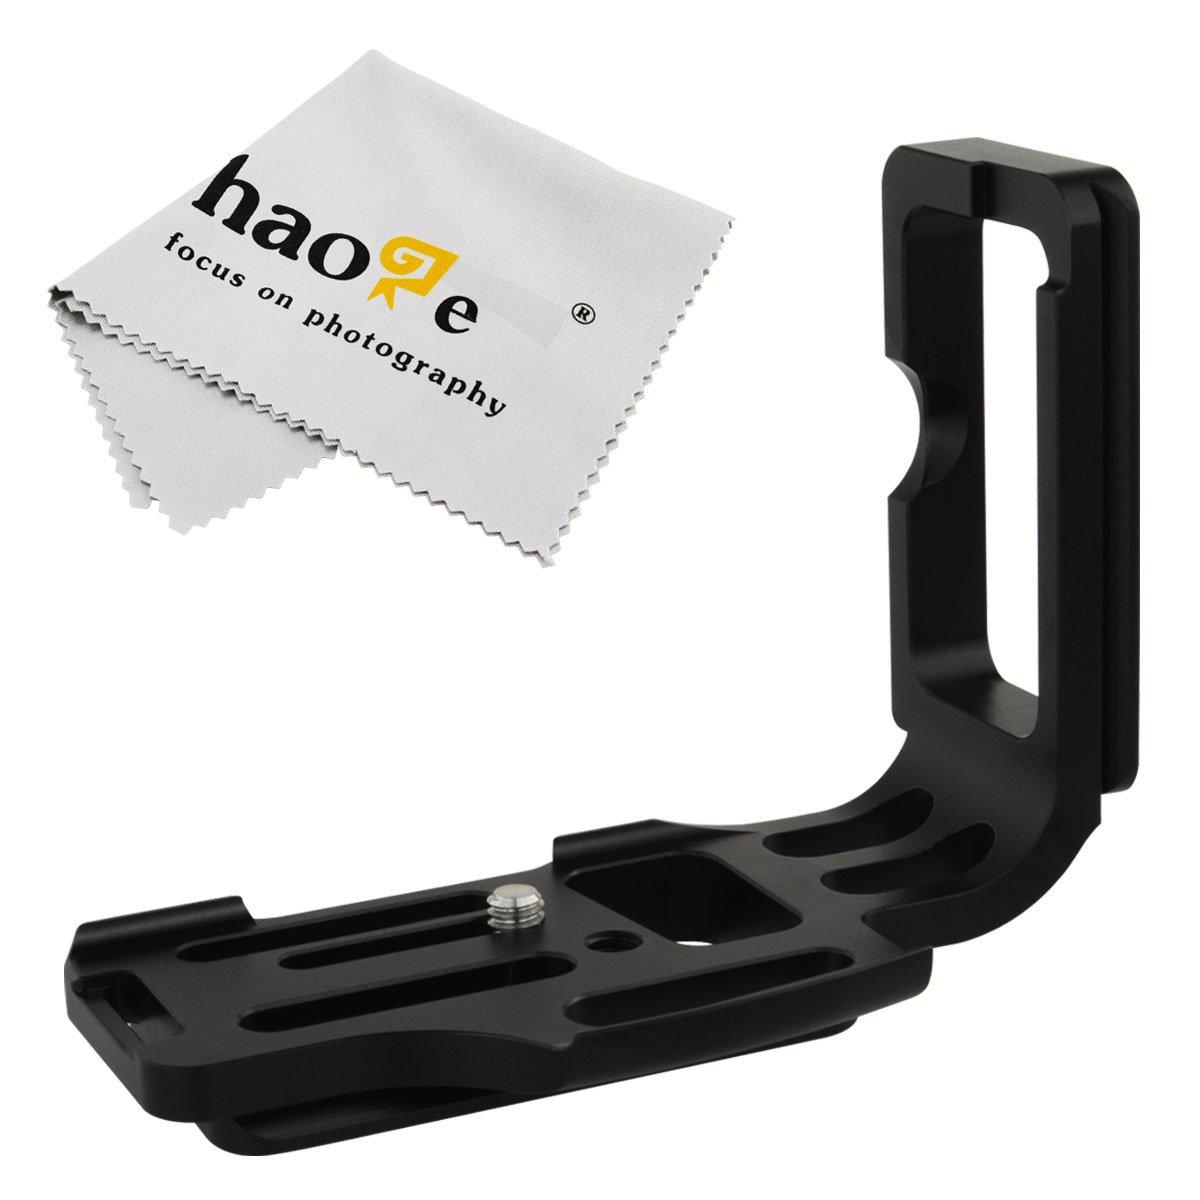 haoge Vertical Cámara QR placa en L de liberación rápida de disparar Bracket Soporte para cuerpo de la cámara para Nikon D800 D800E D810 Sunwayfoto Kirk RRS ...